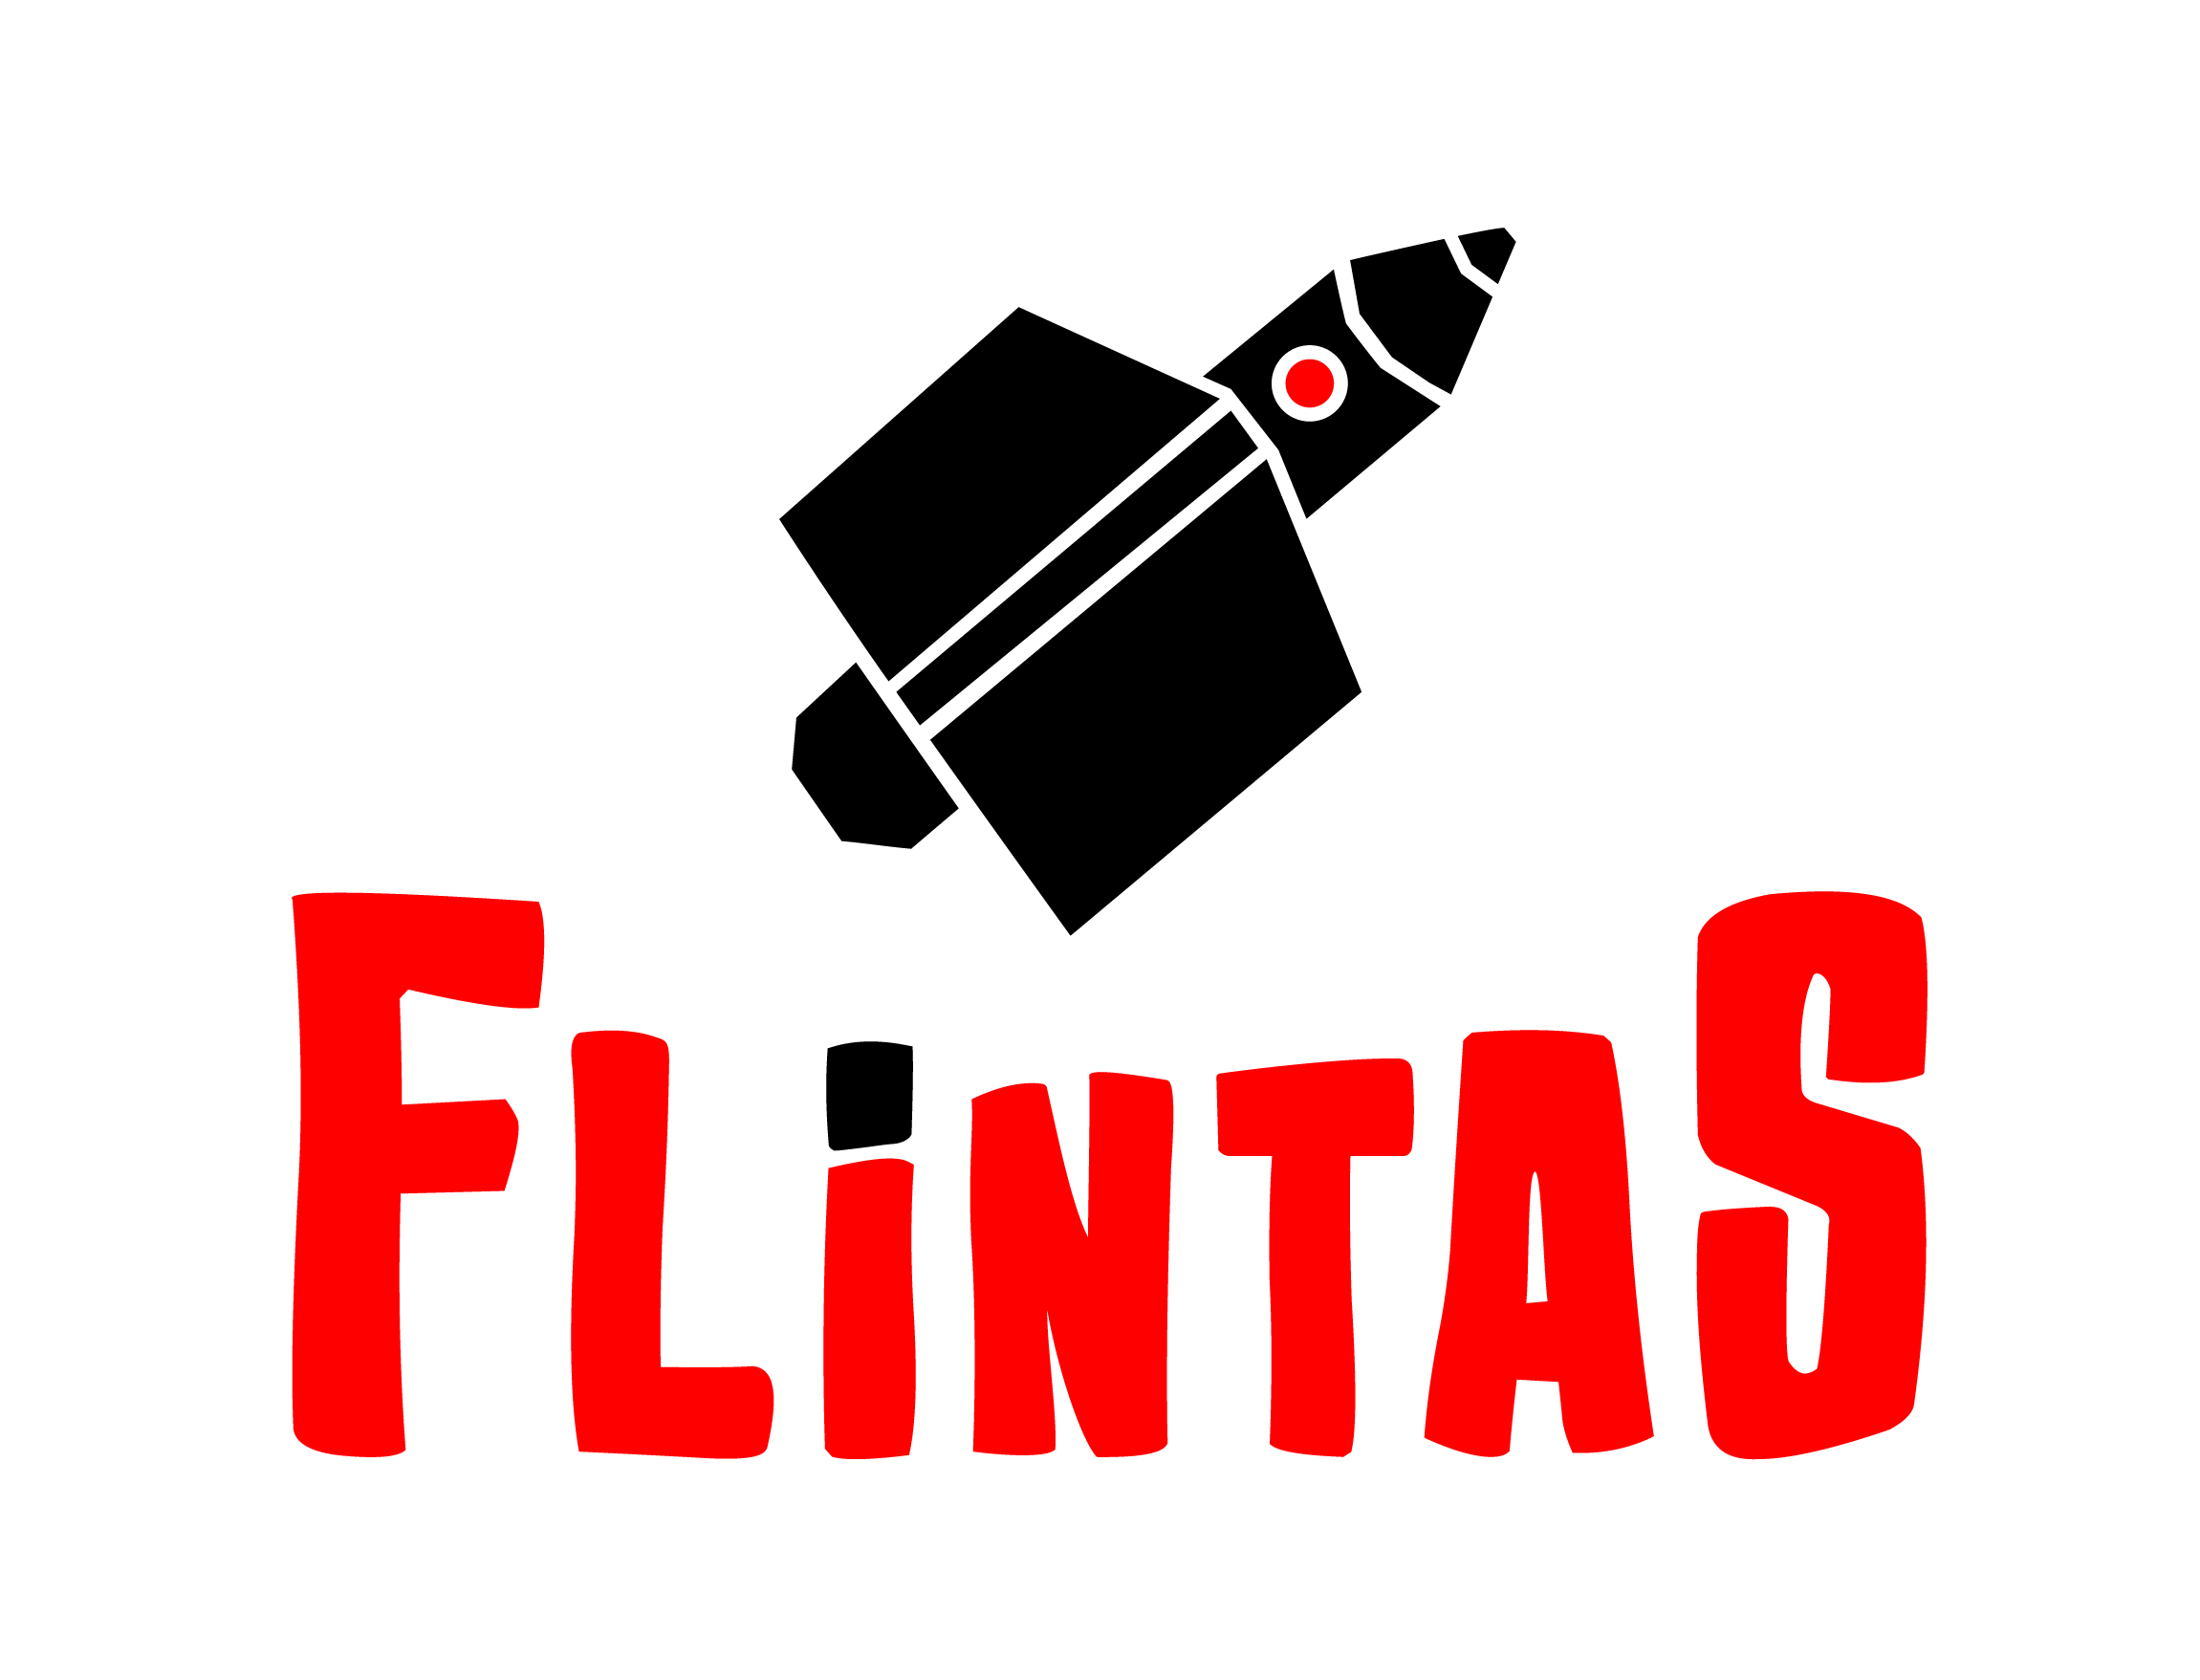 Jūsų Flintas